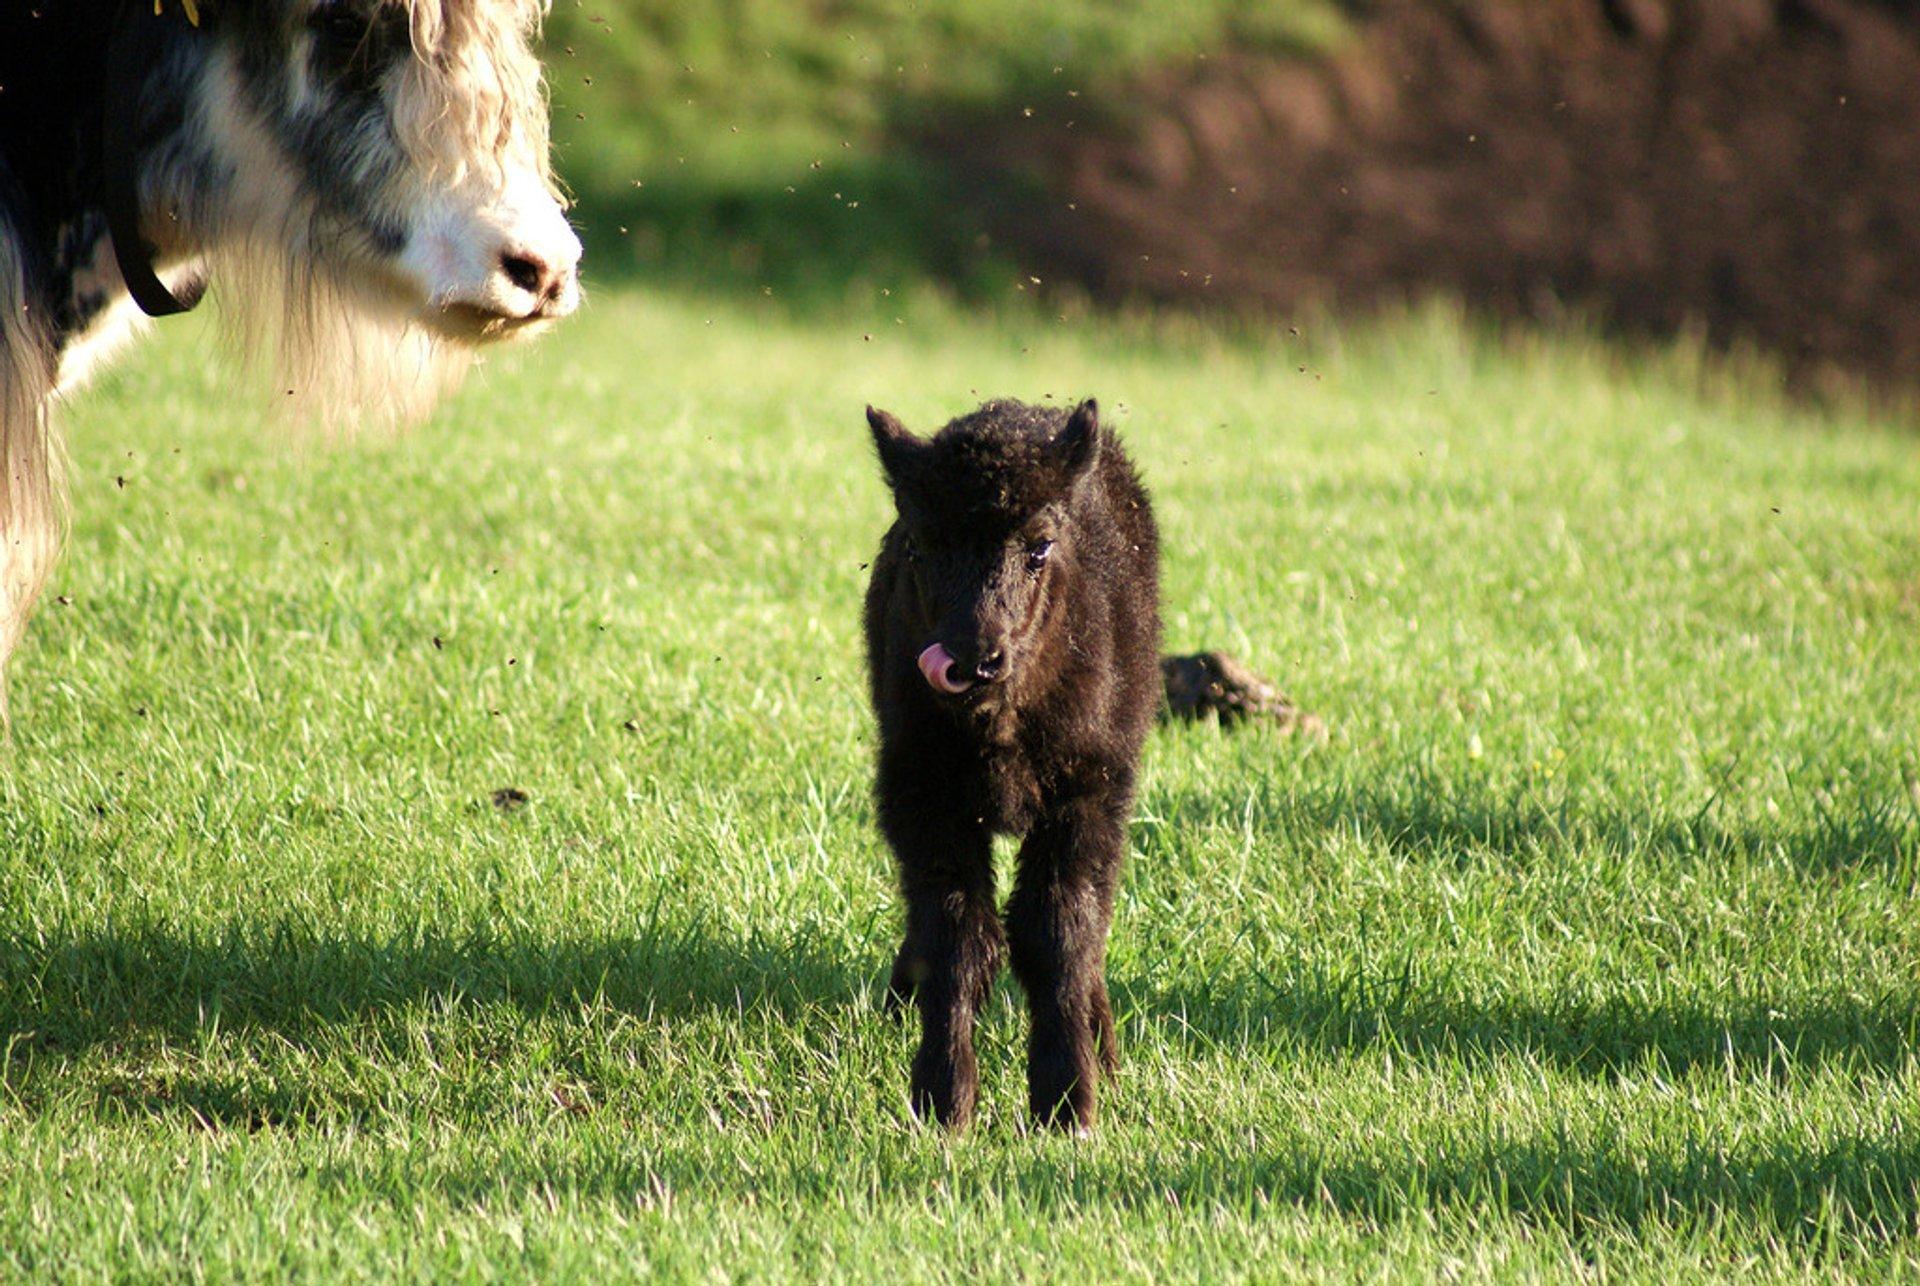 Baby yak 2020